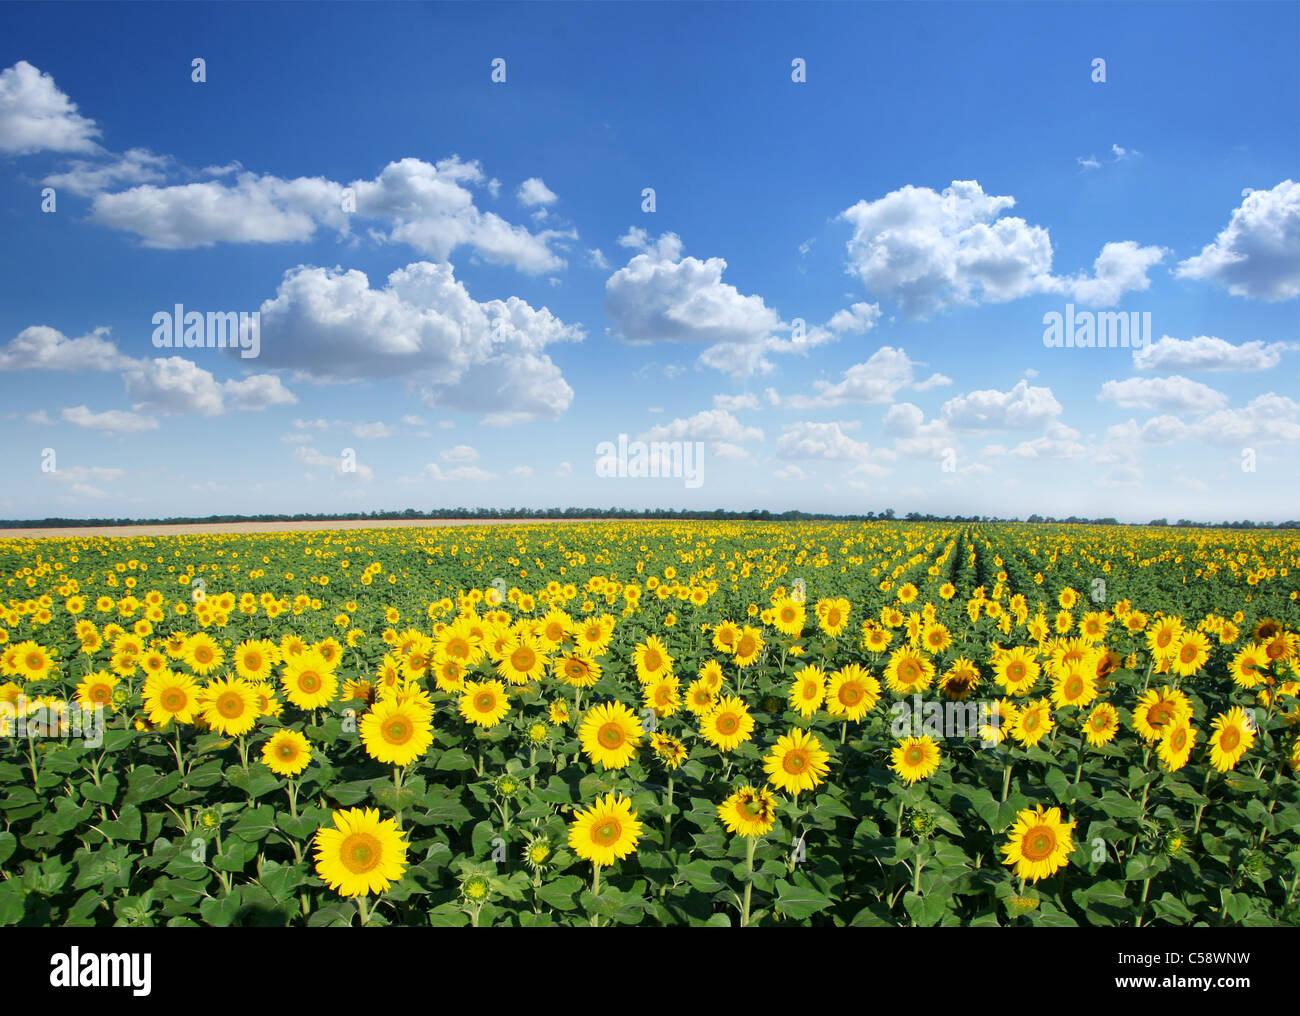 Campo di girasole su un cielo blu sullo sfondo. Immagini Stock